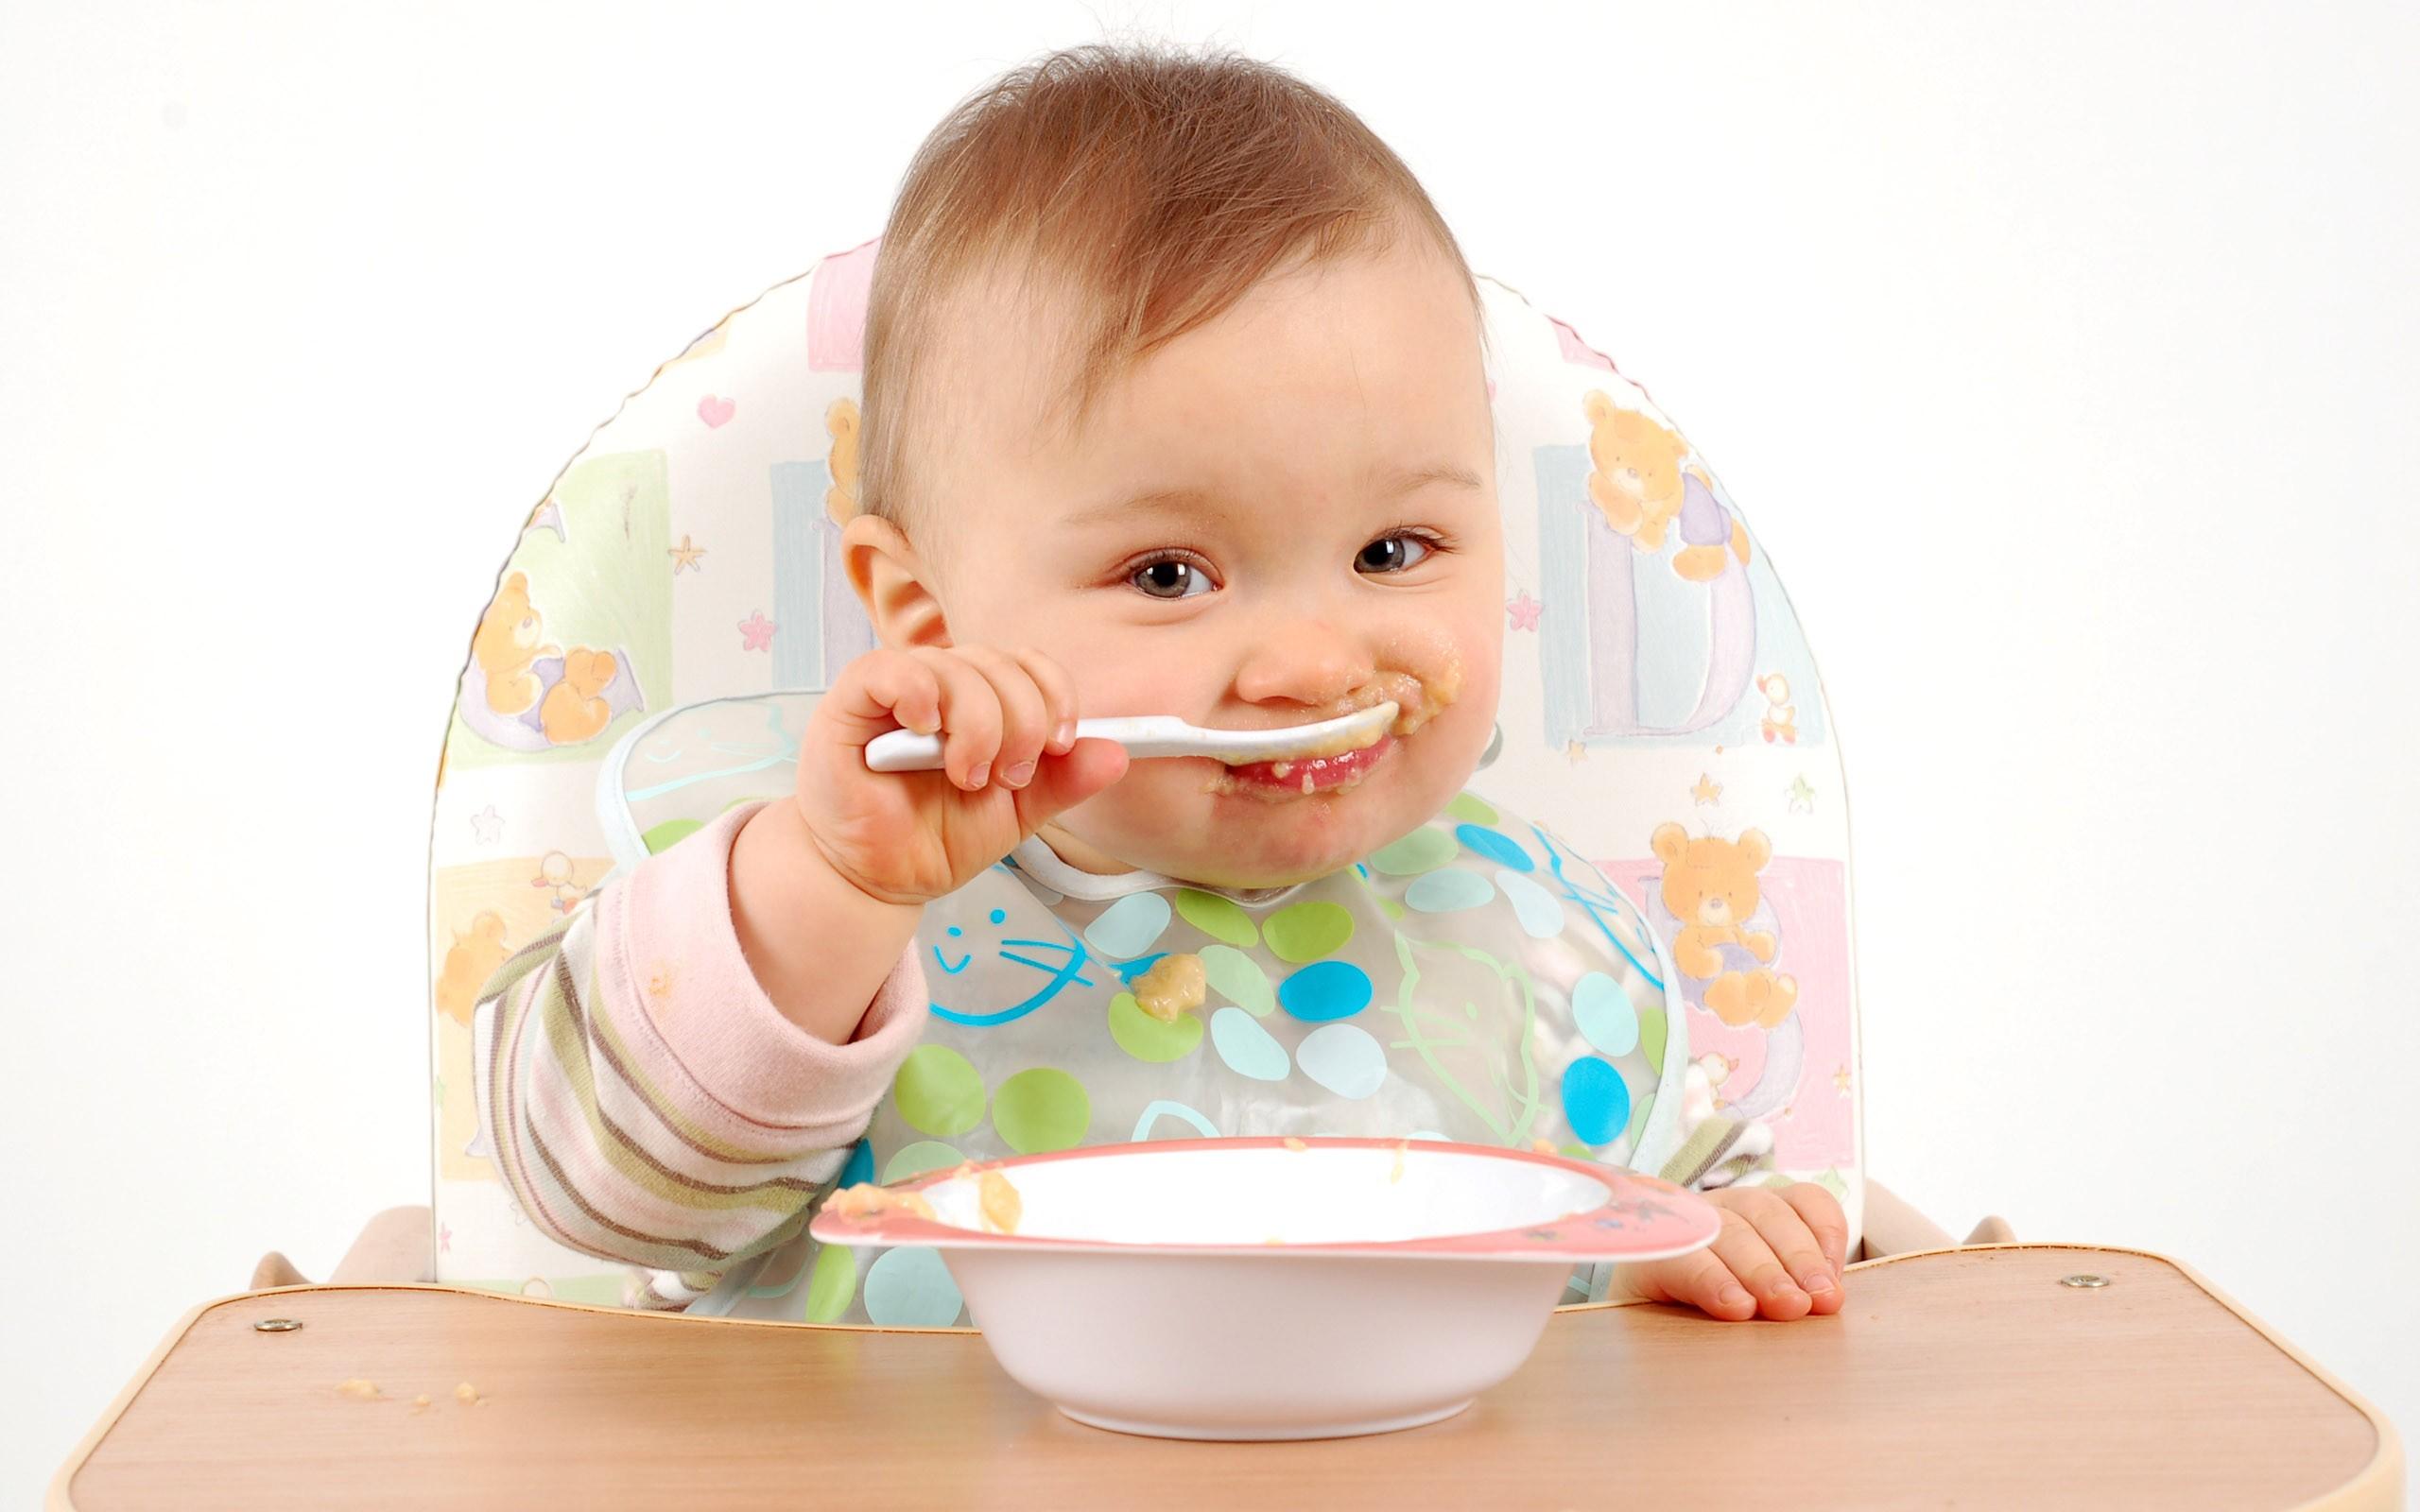 Un bebe comiendo su pure - 2560x1600